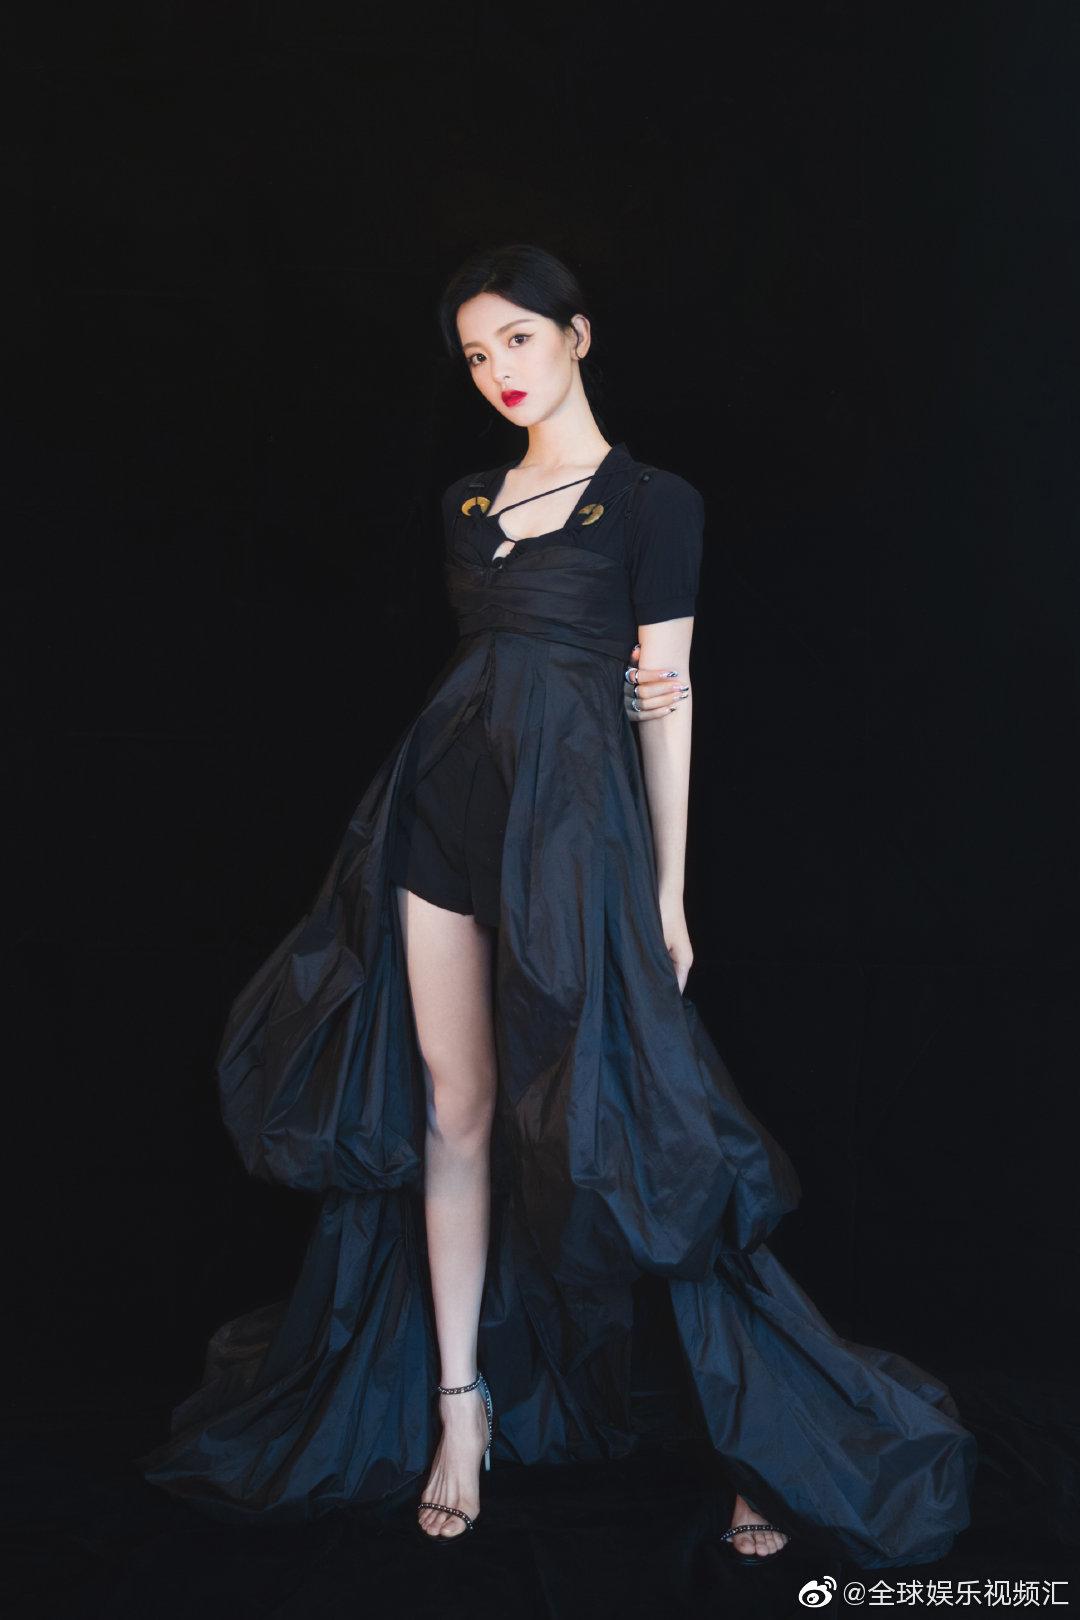 今日女星衣品最佳裙子造型特别,是红毯该有的样子!妆容也很美!